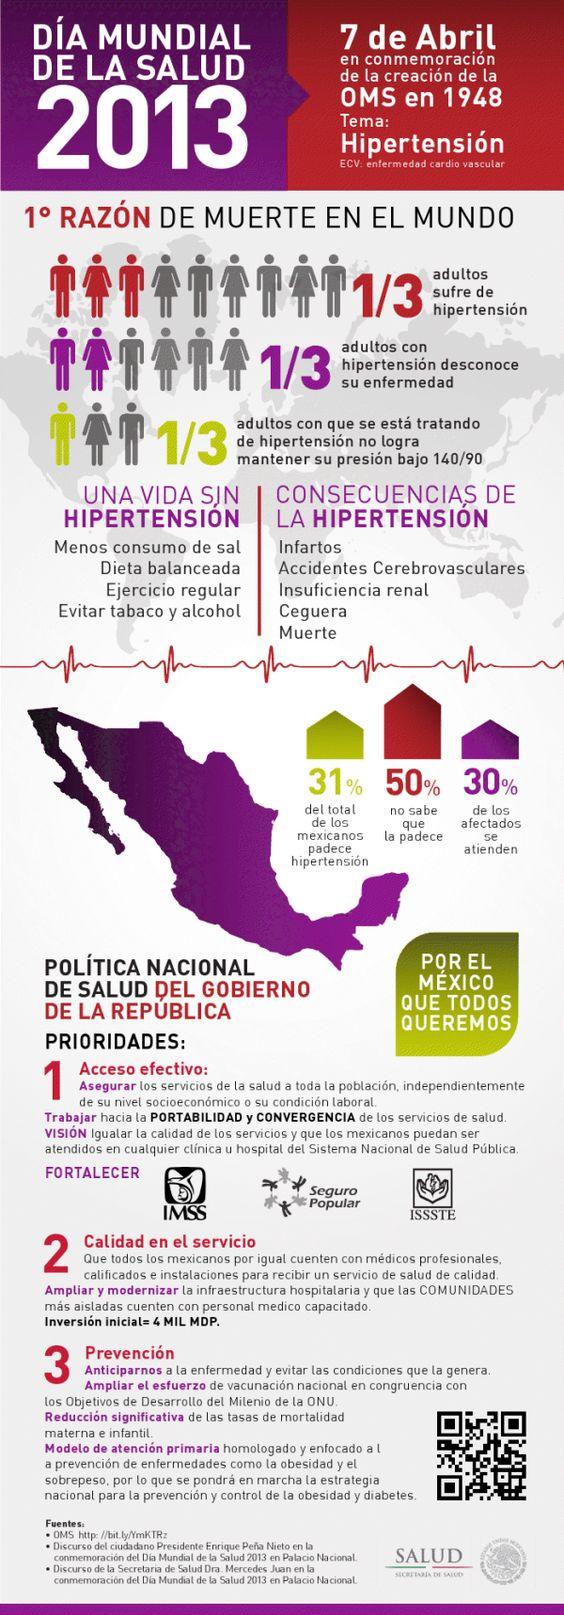 Día Mundial de la Salud [infografia]